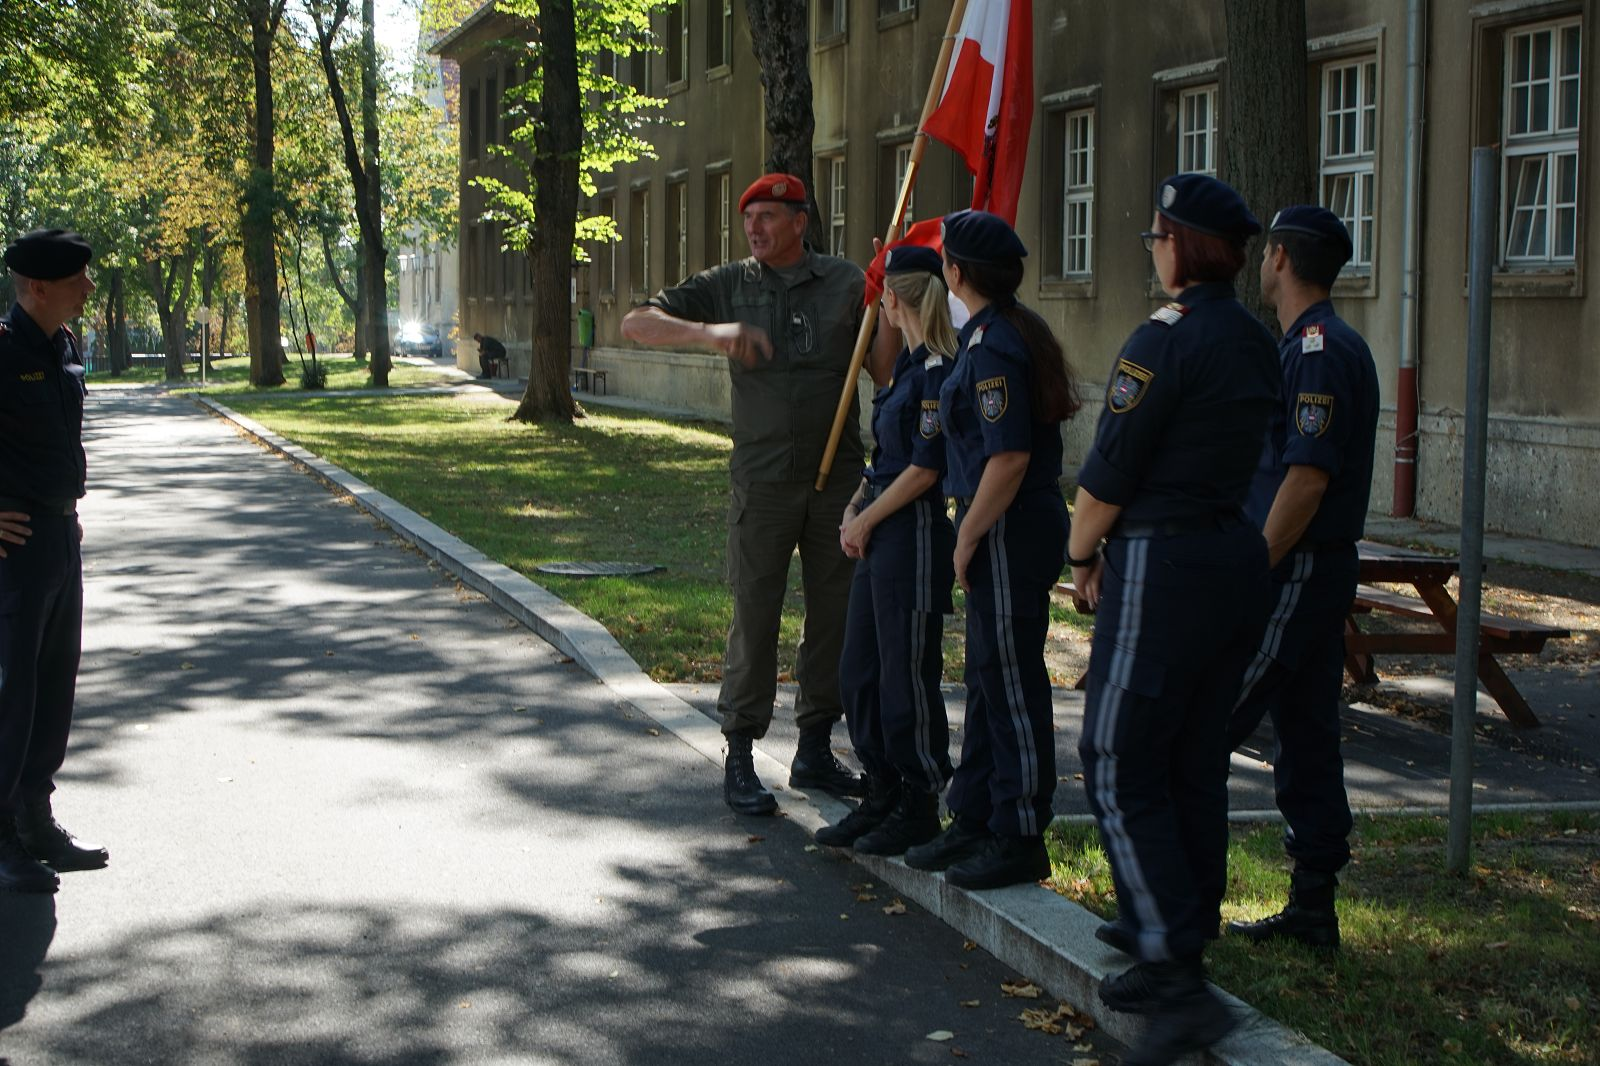 2018_09_14_Polizei_trifft_BundesheerDSC00300